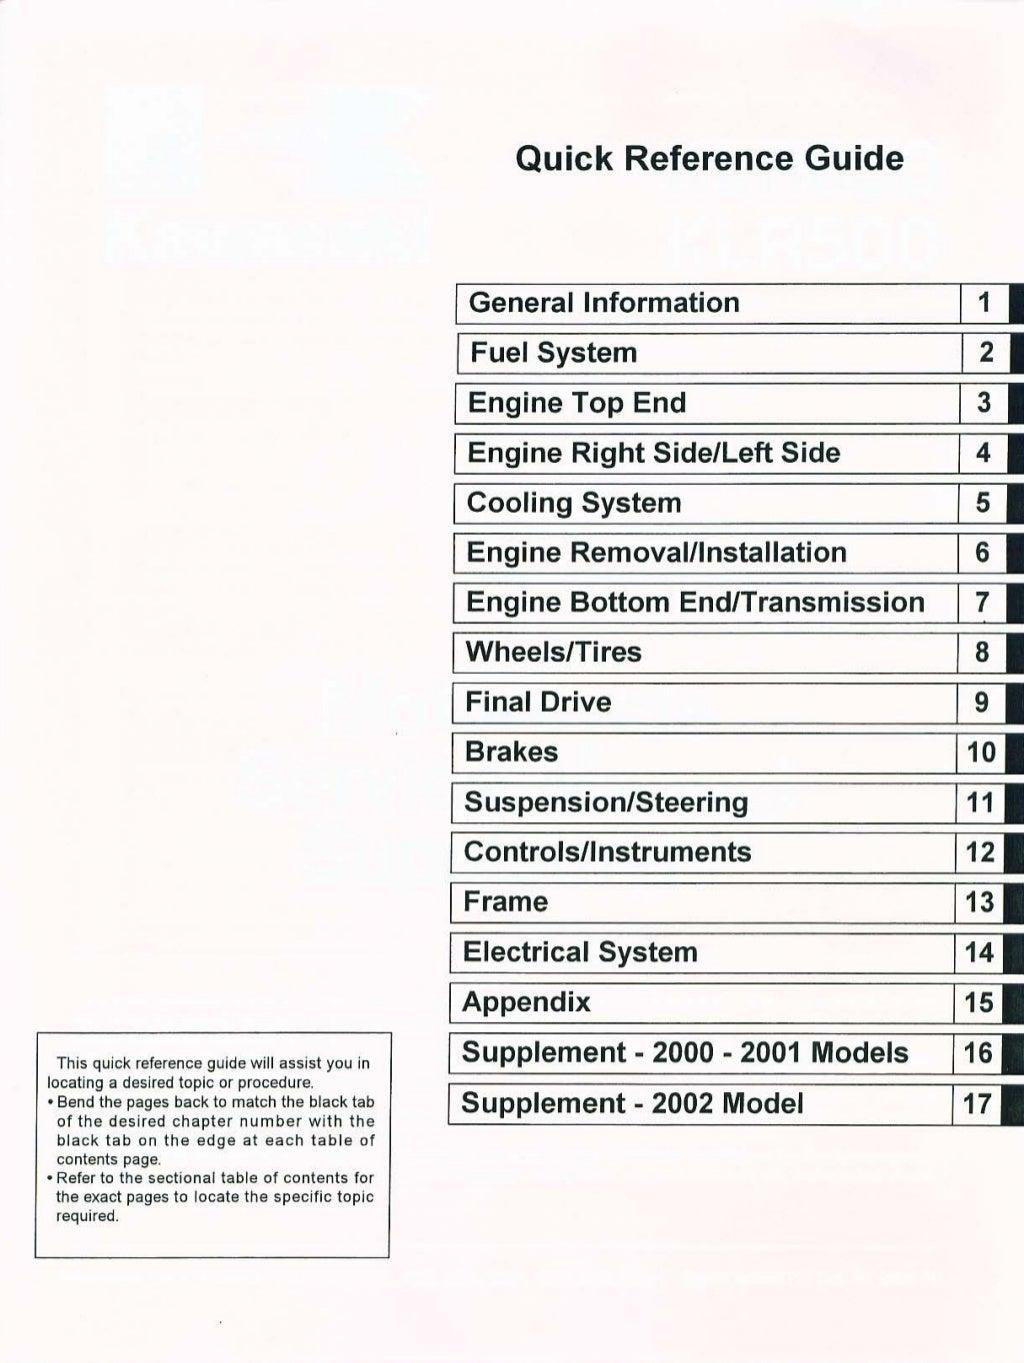 1988 Kawasaki KL500-A2 Service Repair Manual